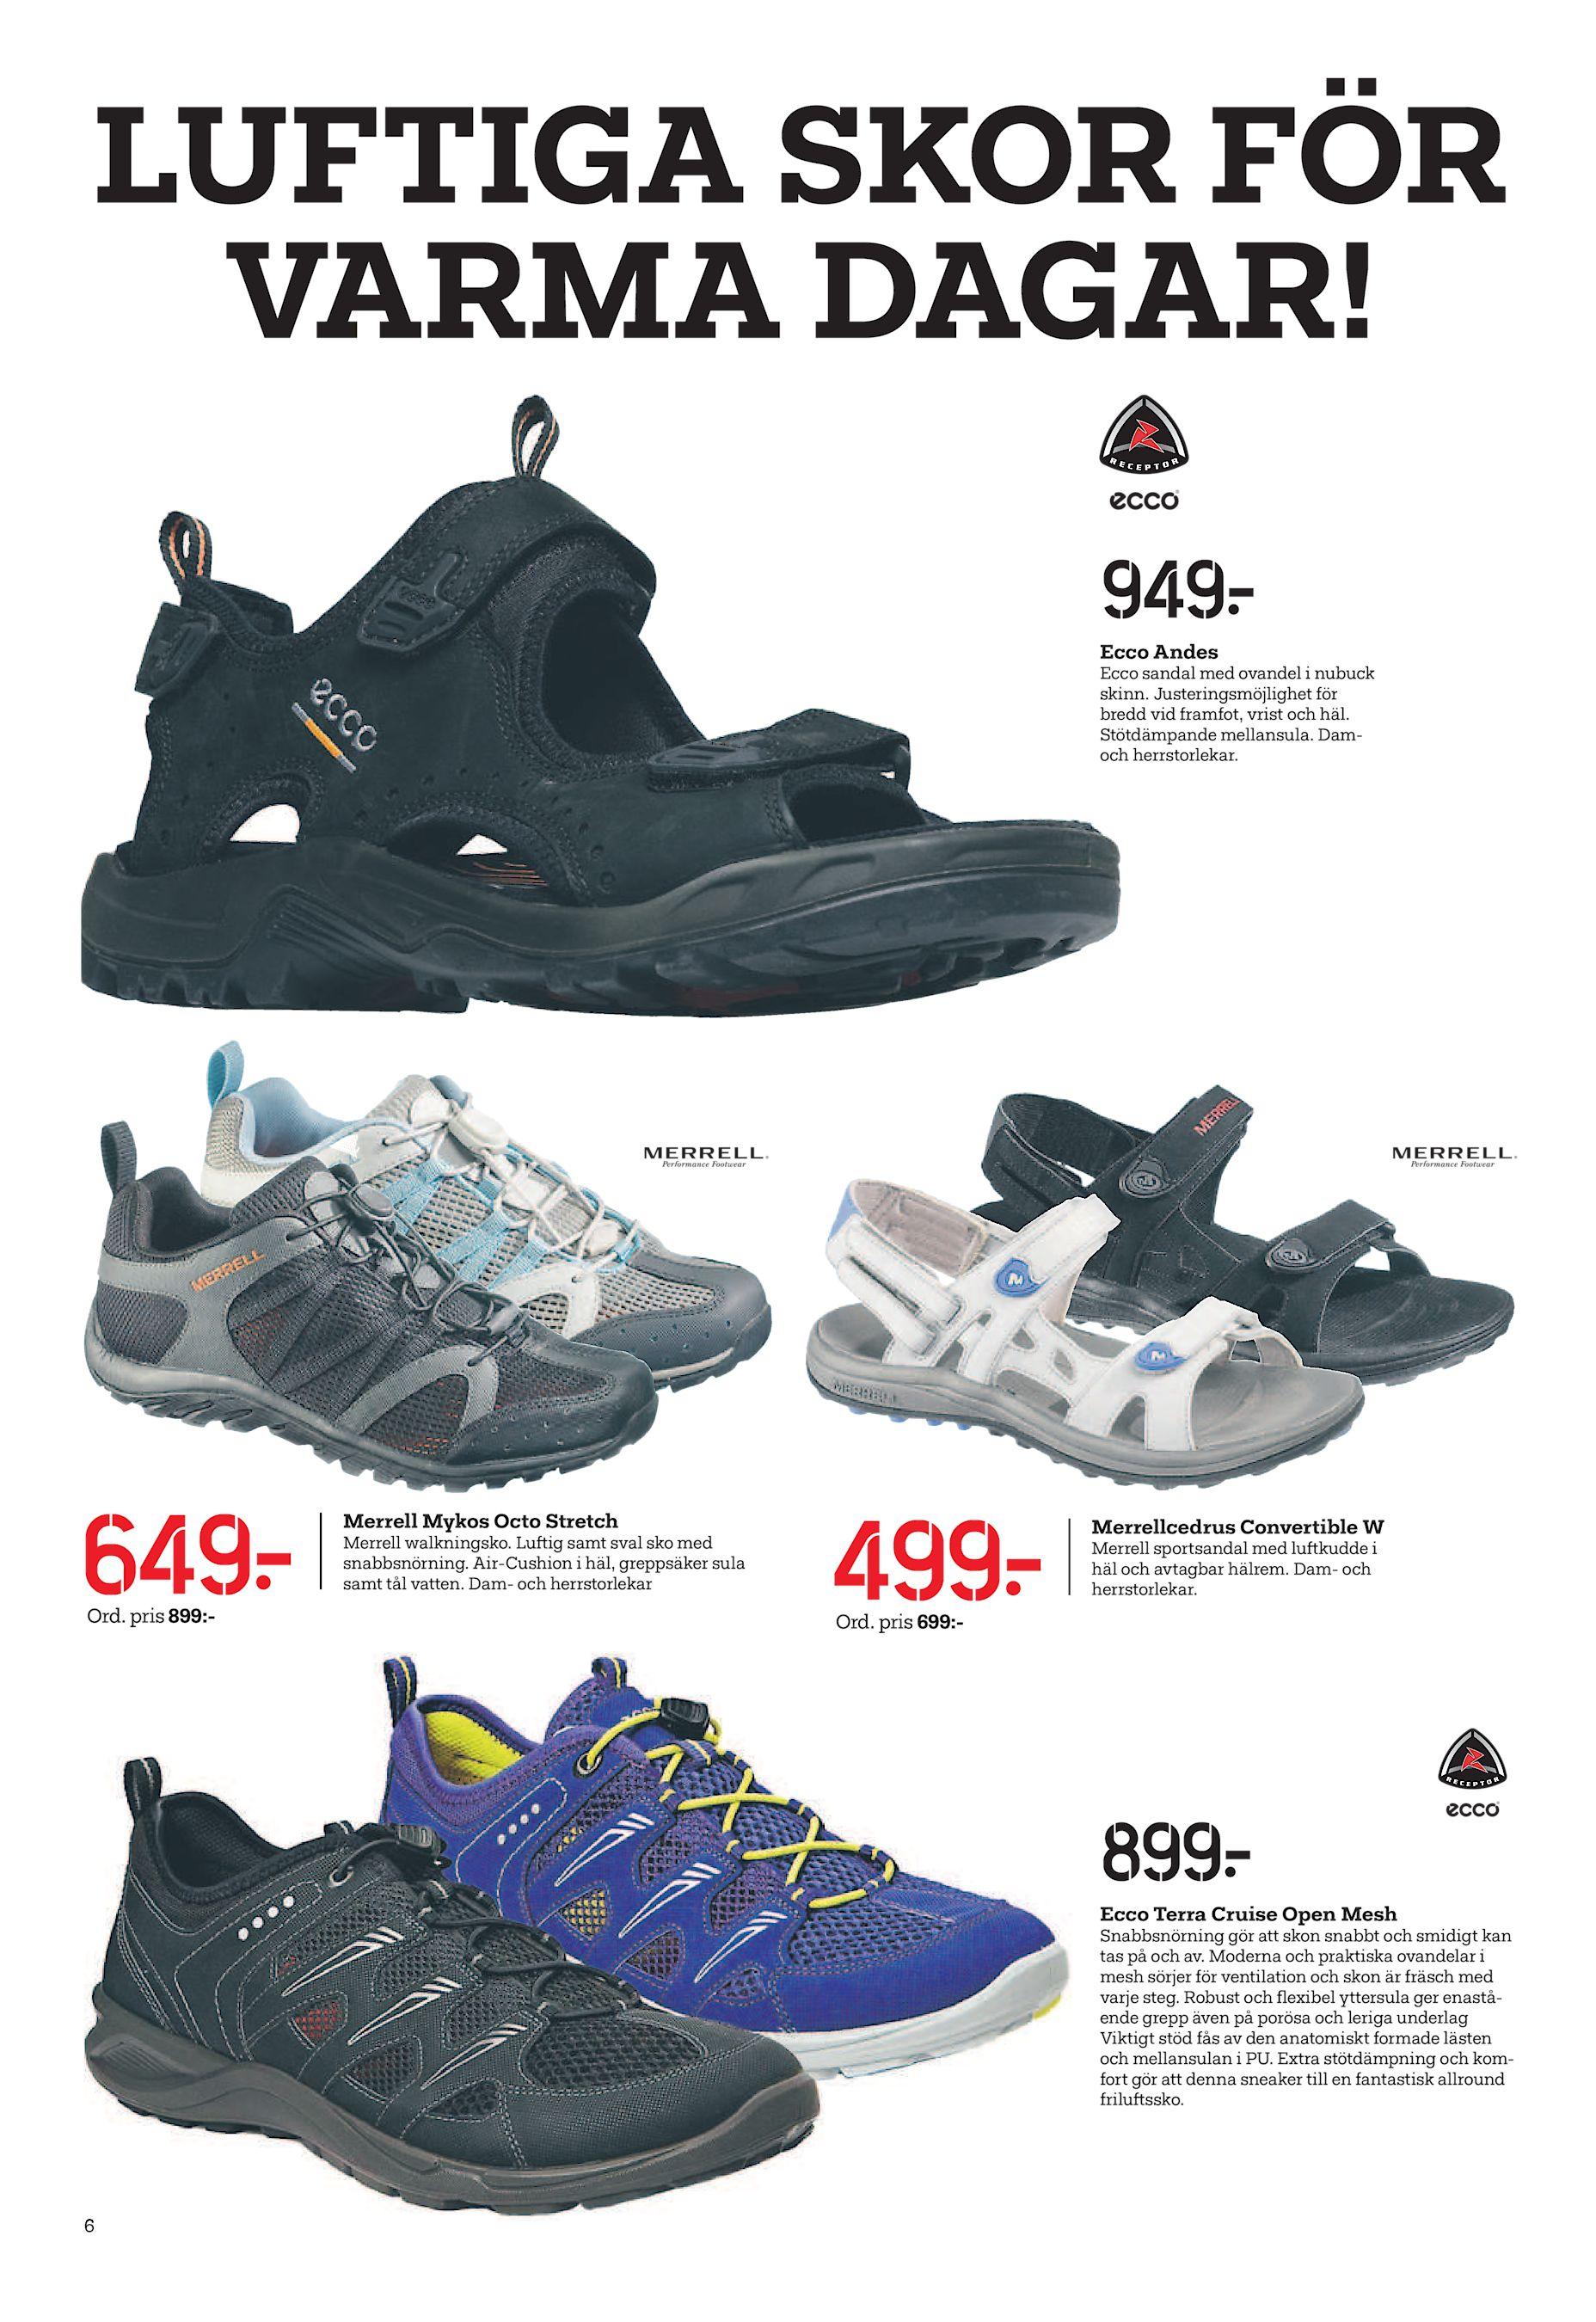 wholesale dealer b9af6 8fb0c Luftiga skor fÖr VarMa Dagar! 949  Ecco andes Ecco sandal med ovandel i  nubuck skinn. Justeringsmöjlighet för bredd vid framfot, vrist och häl.